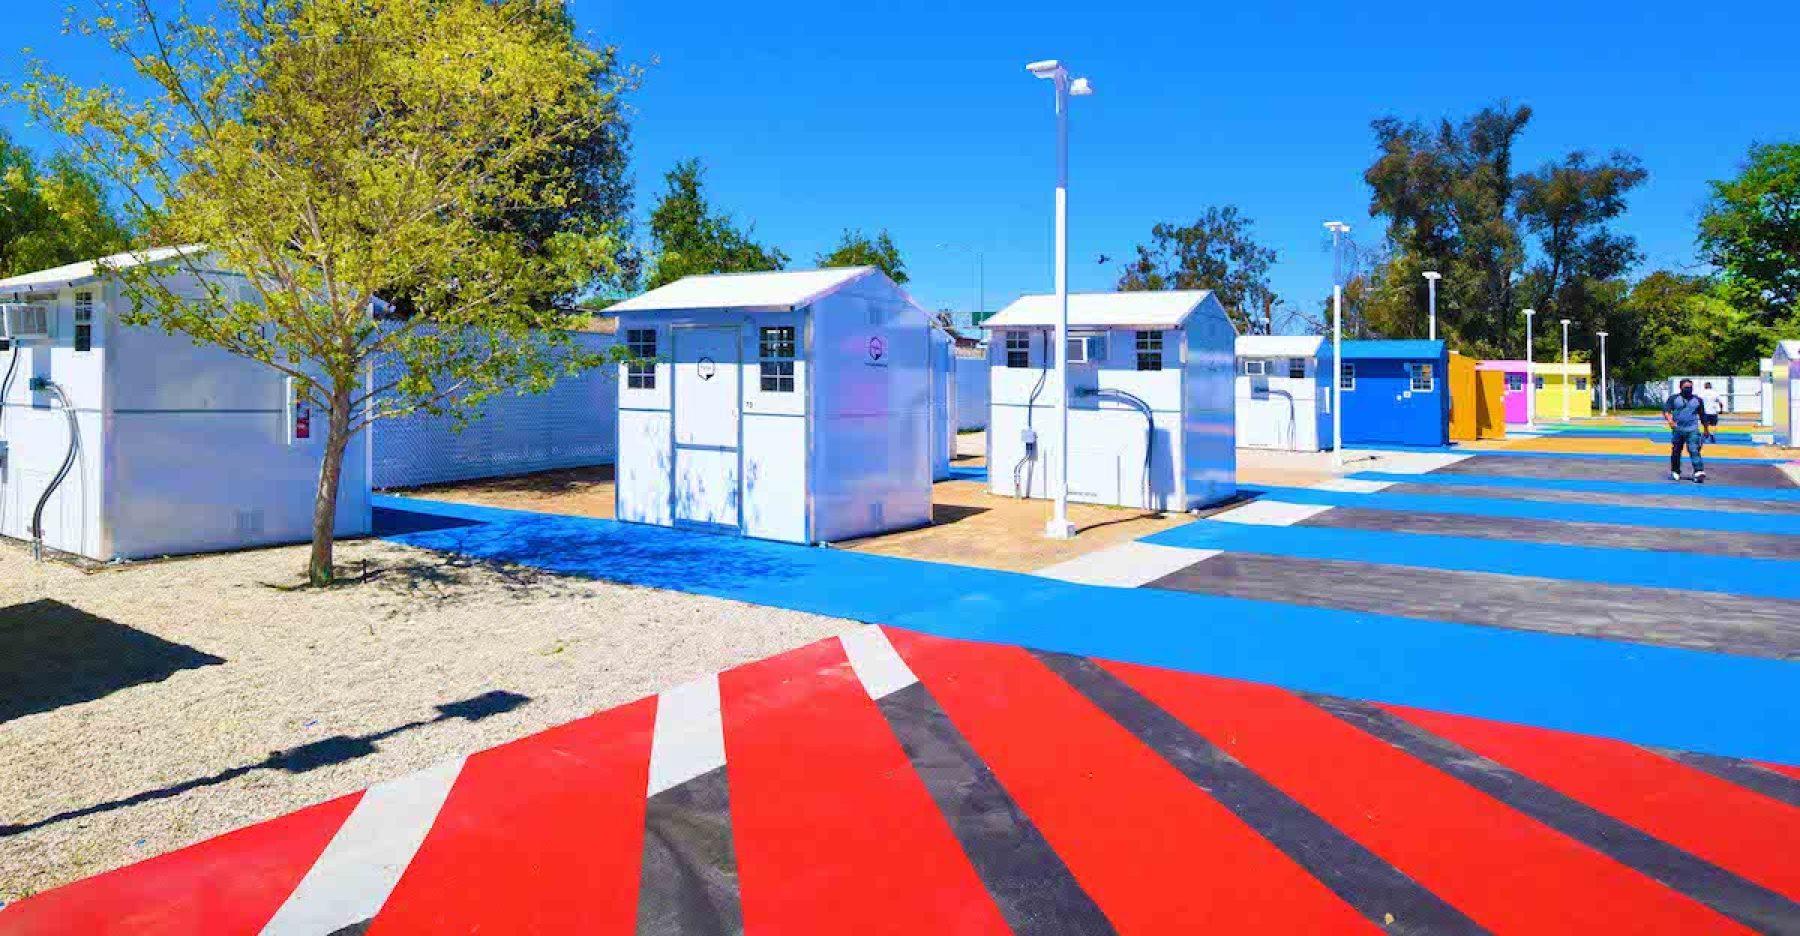 ¡Buenas noticias! En Los Ángeles, California, el gobierno dará 'tiny houses' a las personas sin hogar